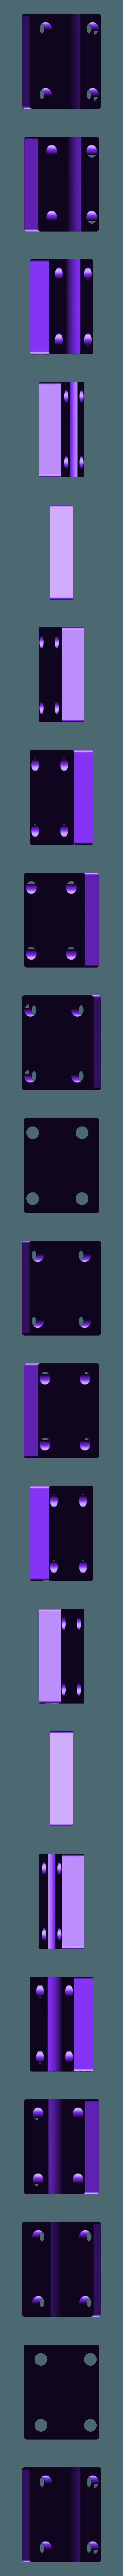 rod_bracket_tensioner_side.stl Download free STL file FDM Printer de Kleine Reus 300x300x900 • 3D printable object, Job